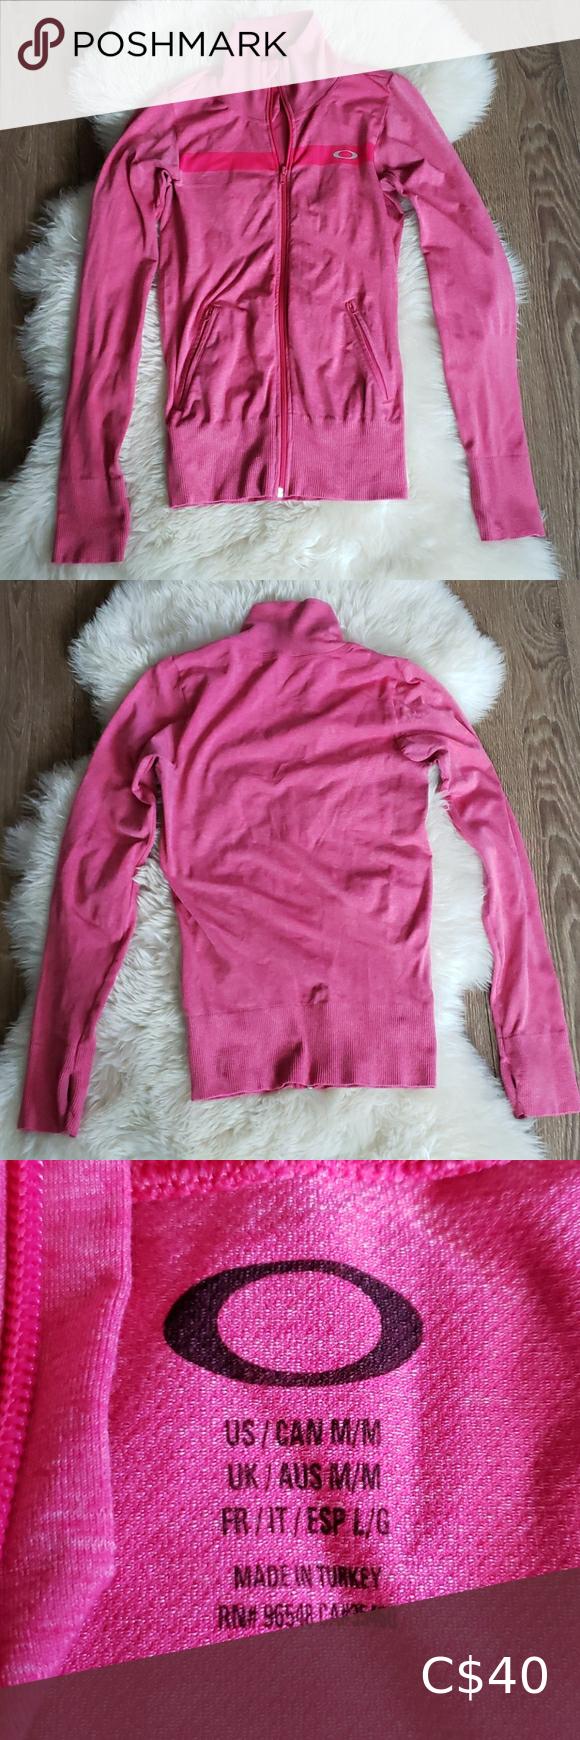 💕Oakley zip up sweatshirt M